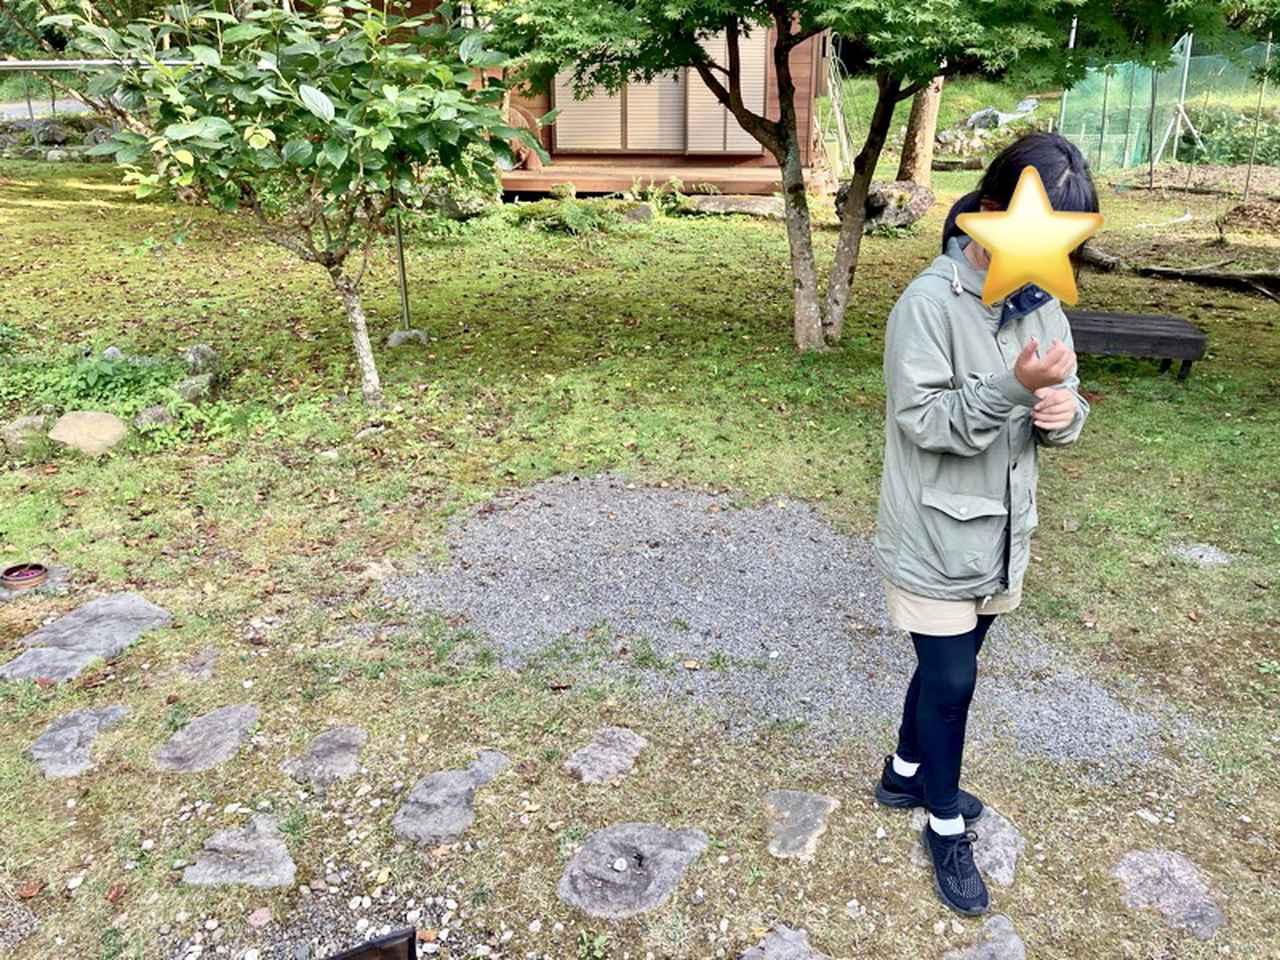 画像: 筆者撮影 長女着用はグリーン